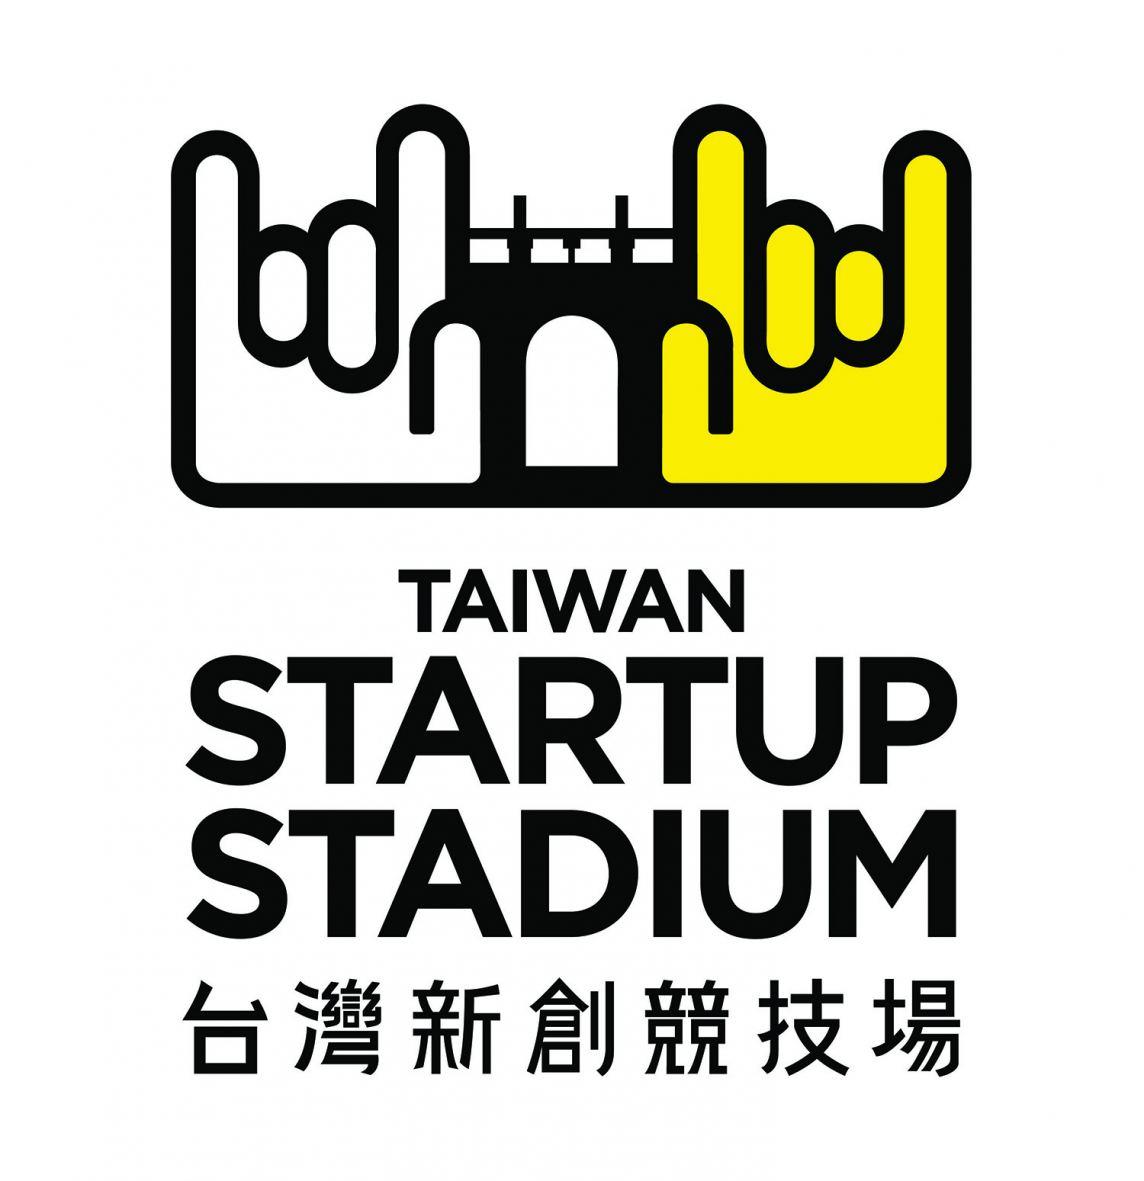 Taiwan Startup Stadium Logo